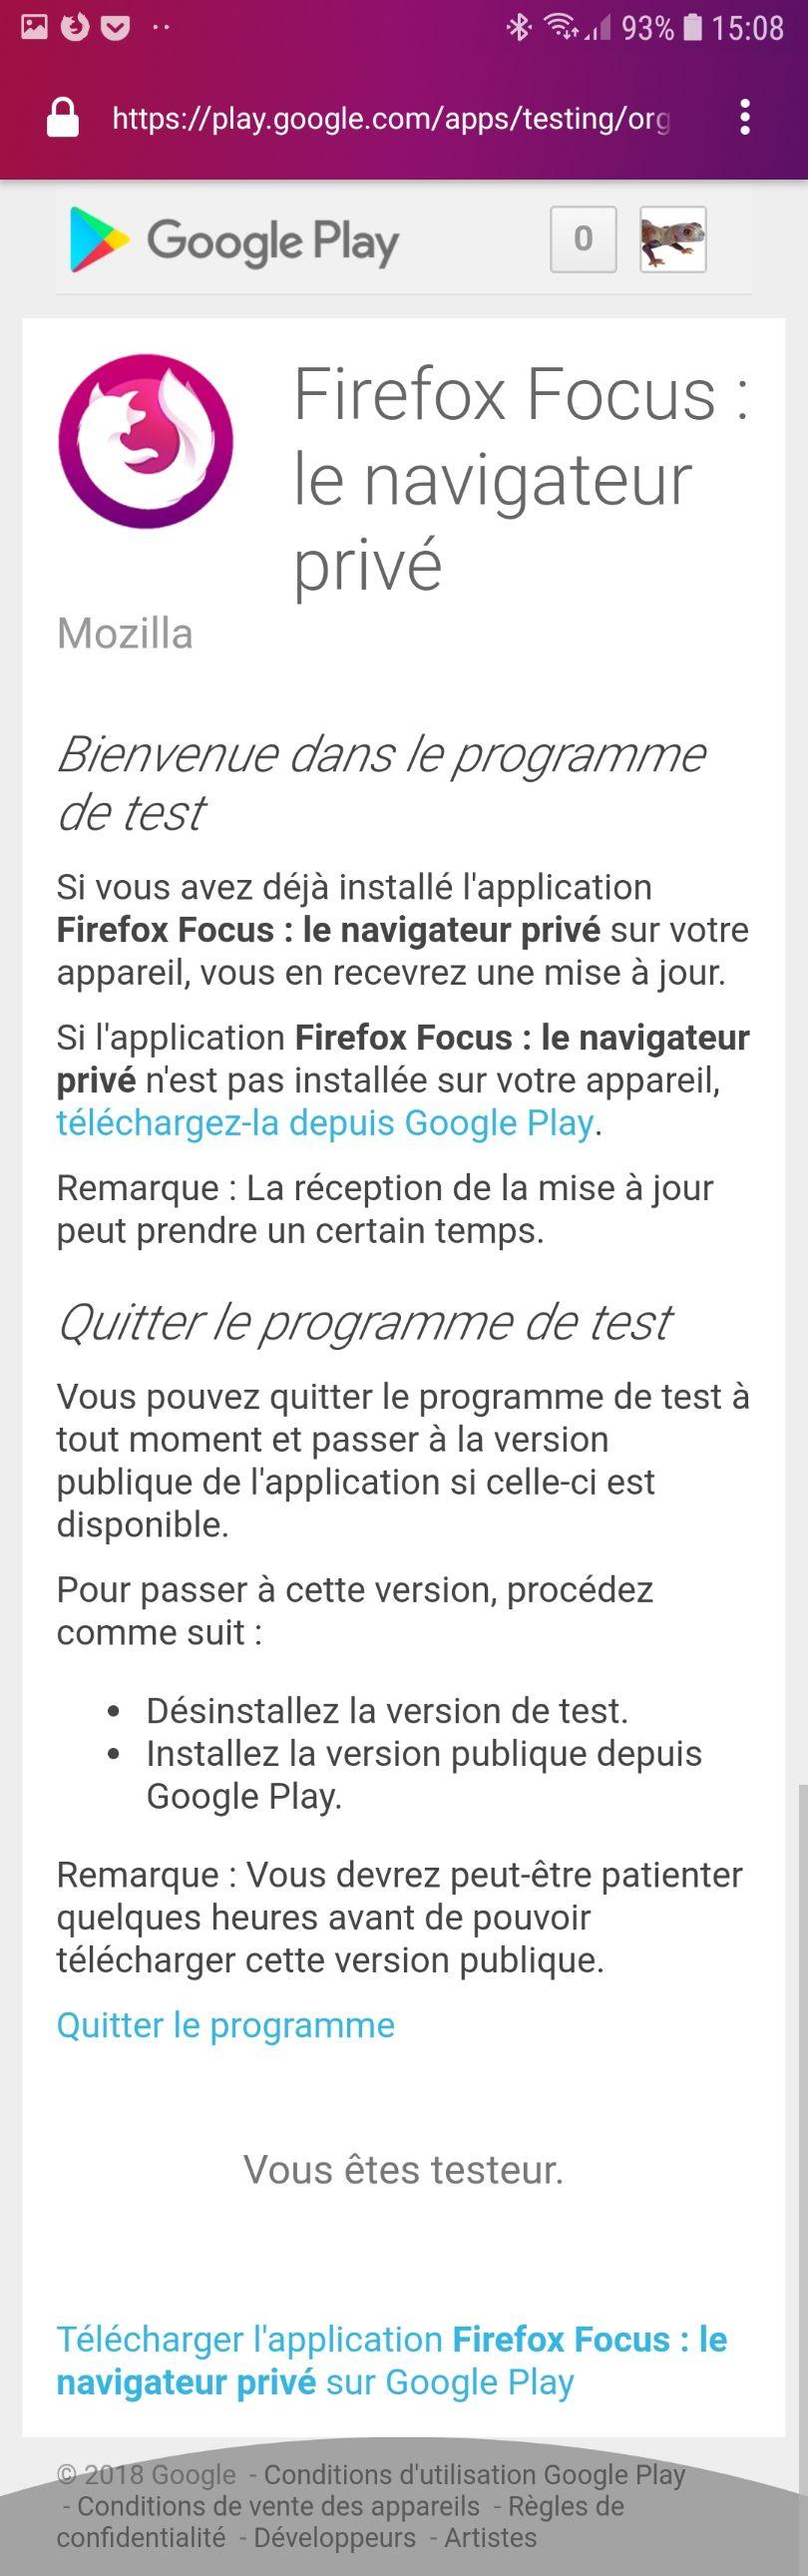 GeckoView, le futur moteur de rendu dans Firefox Focus - Communauté